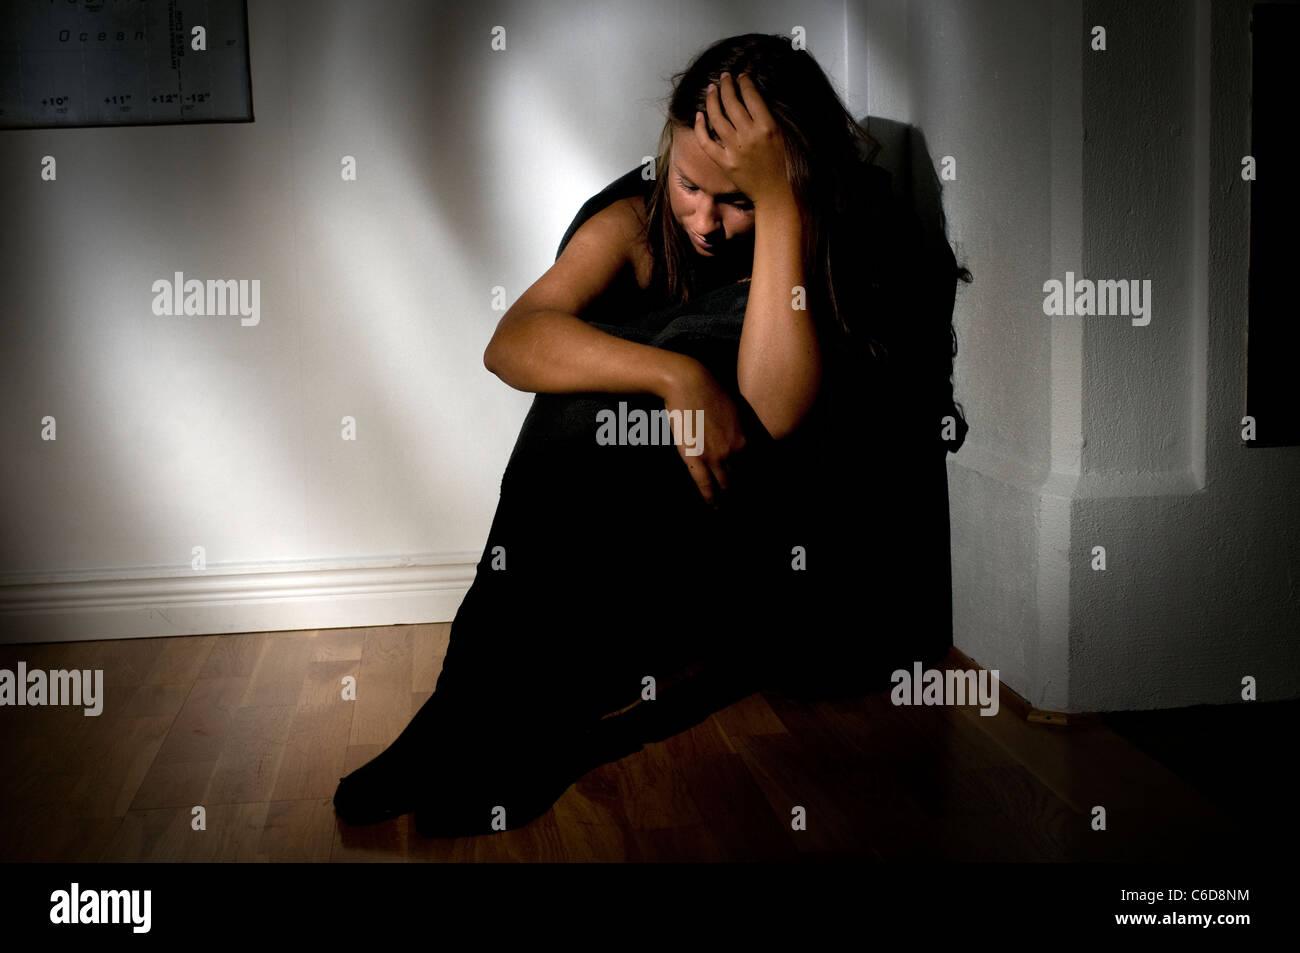 Junge Frau, die leiden, Depressionen oder Krankheit in abgedunkelten Raum Stockbild